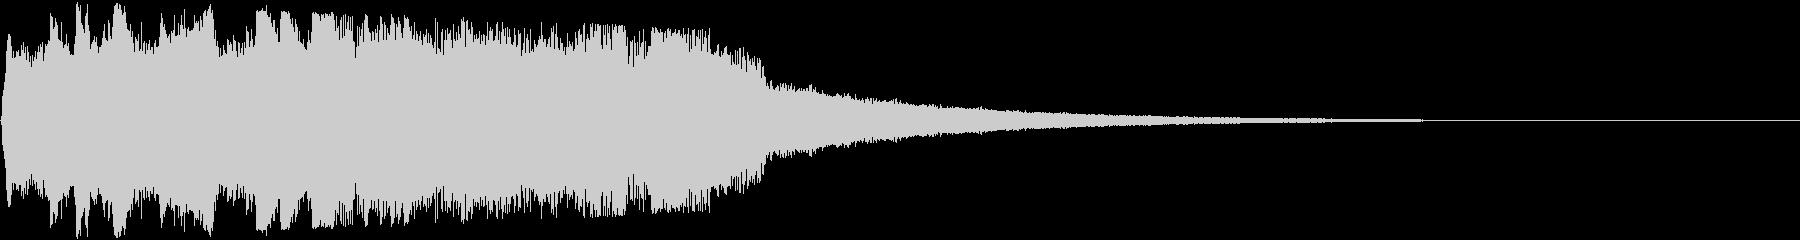 魔法の音・システム音の未再生の波形